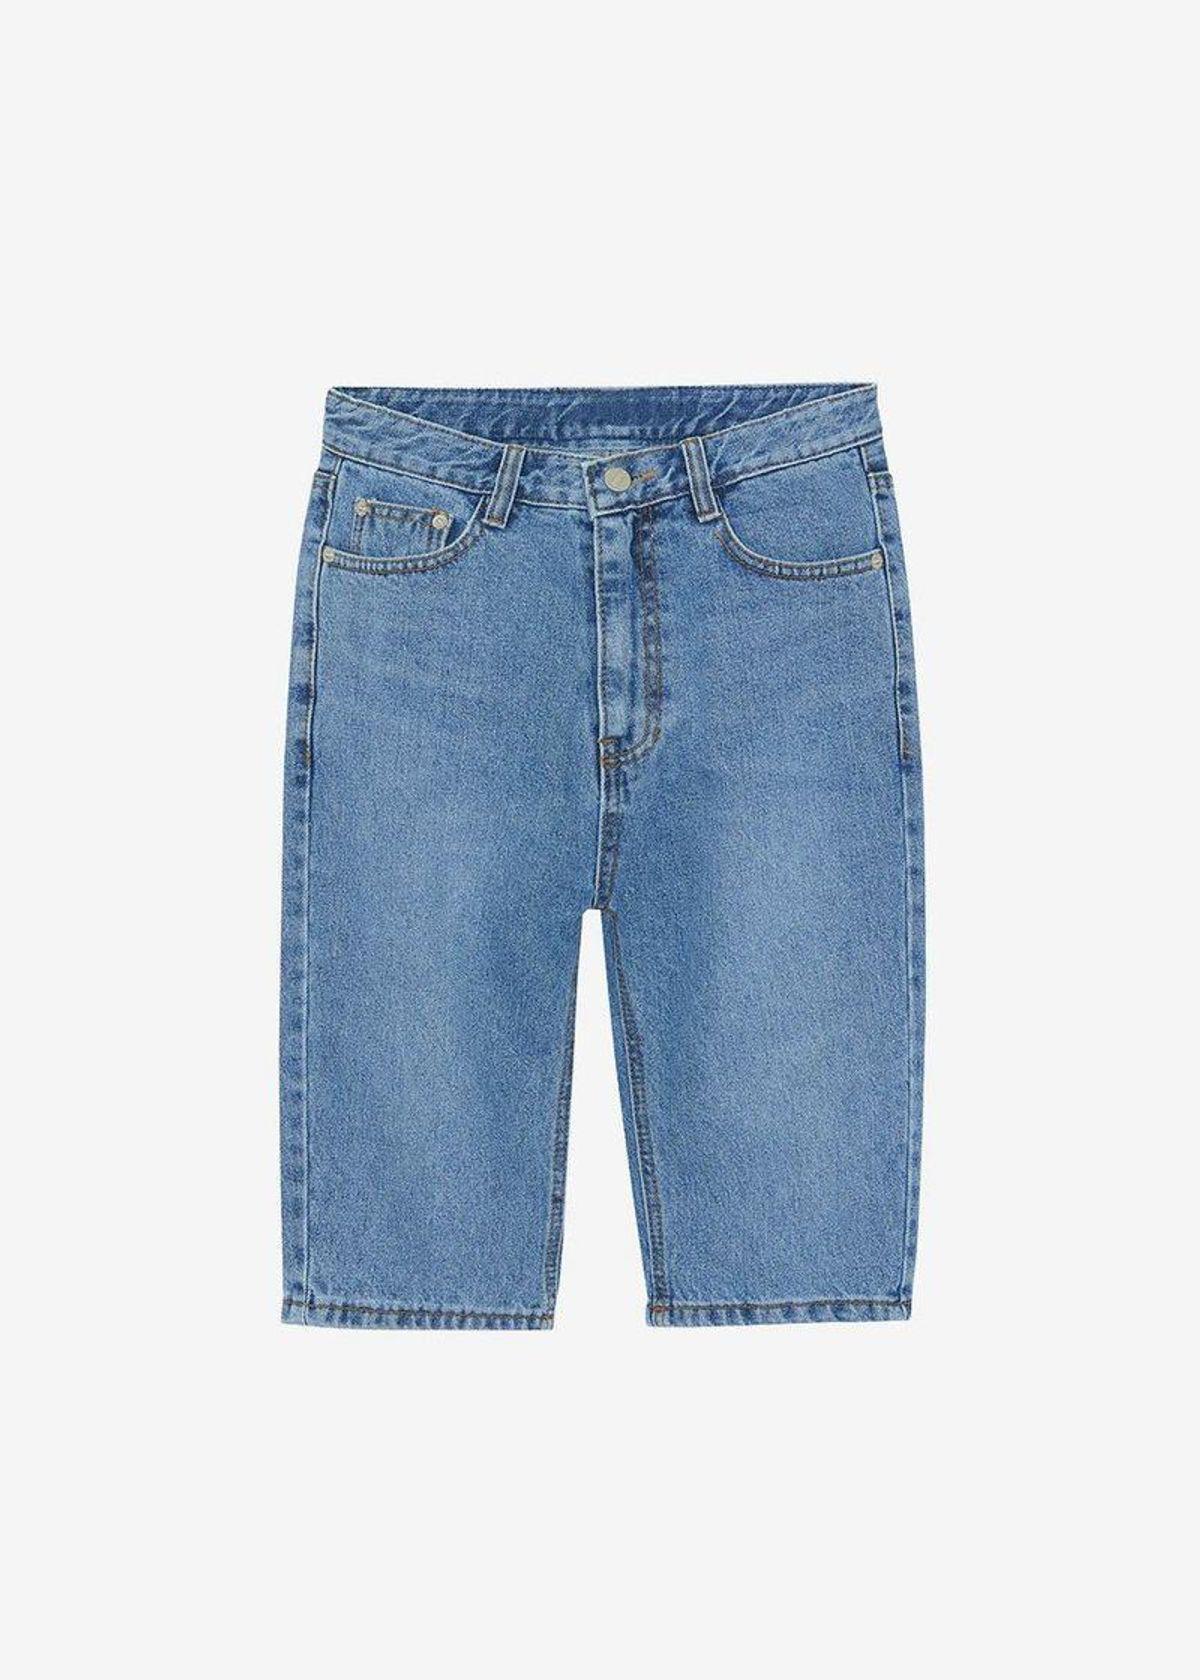 Slim Knee Length Shorts